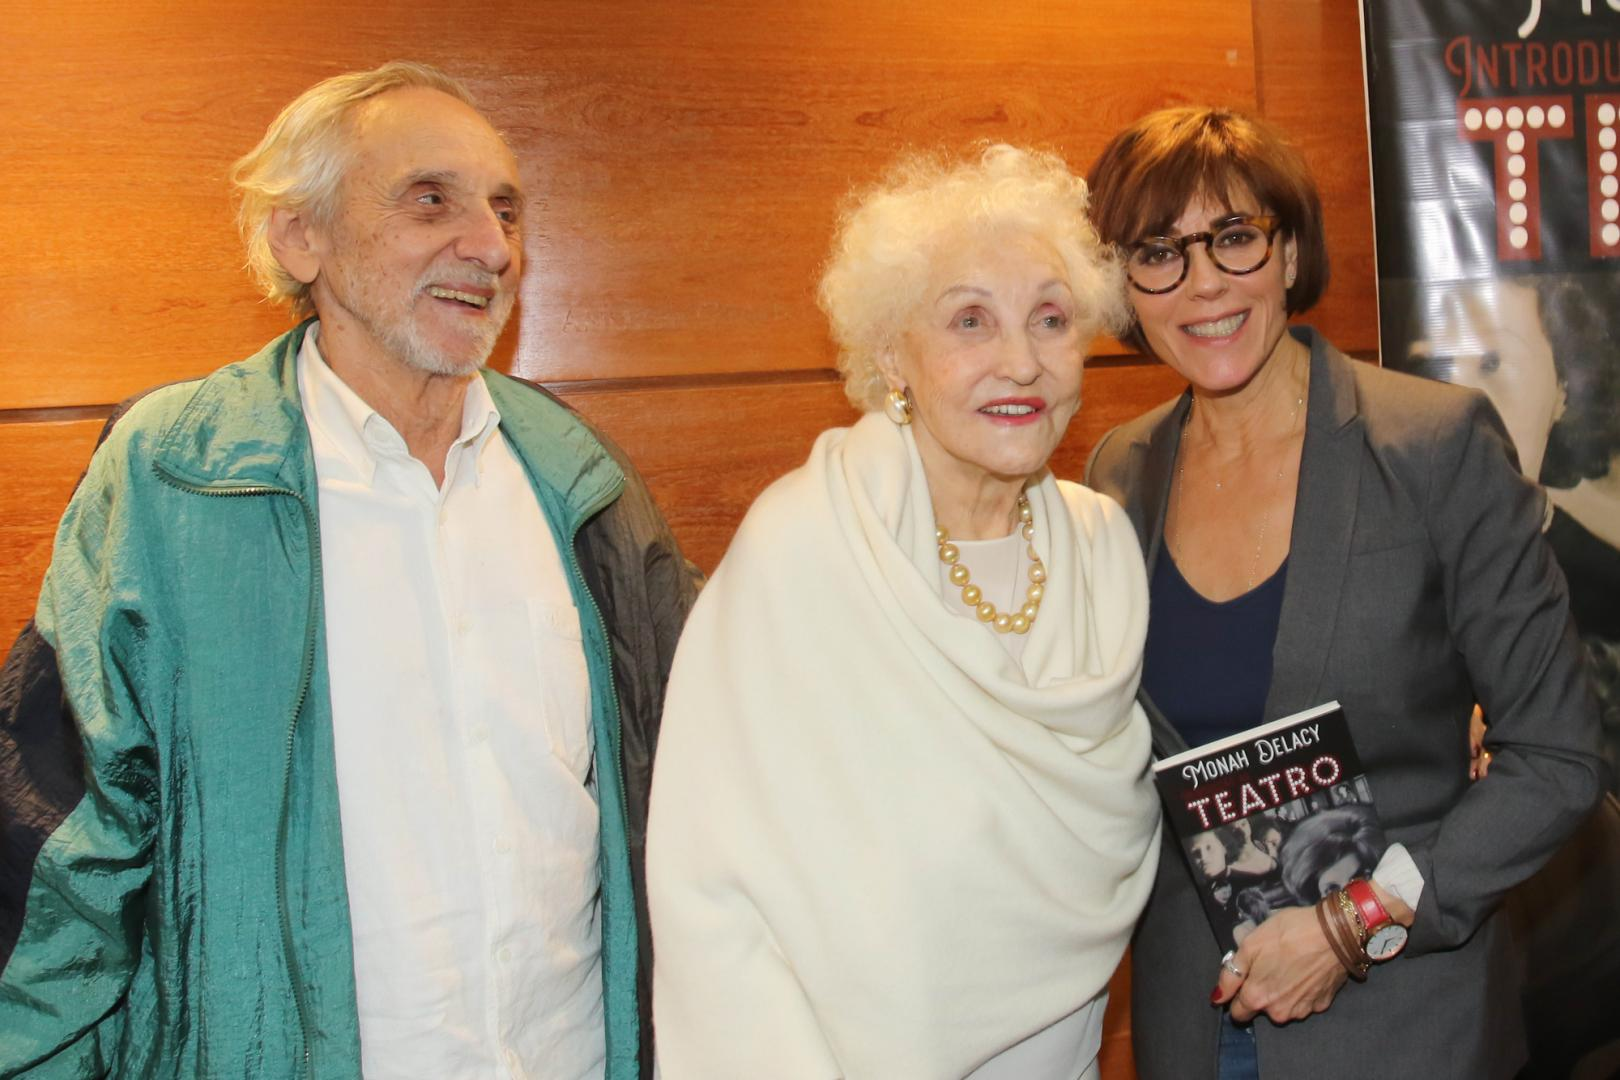 Prestes a completar 90 anos, Monah Delacy lança livro no Teatro Oi Casa Grande